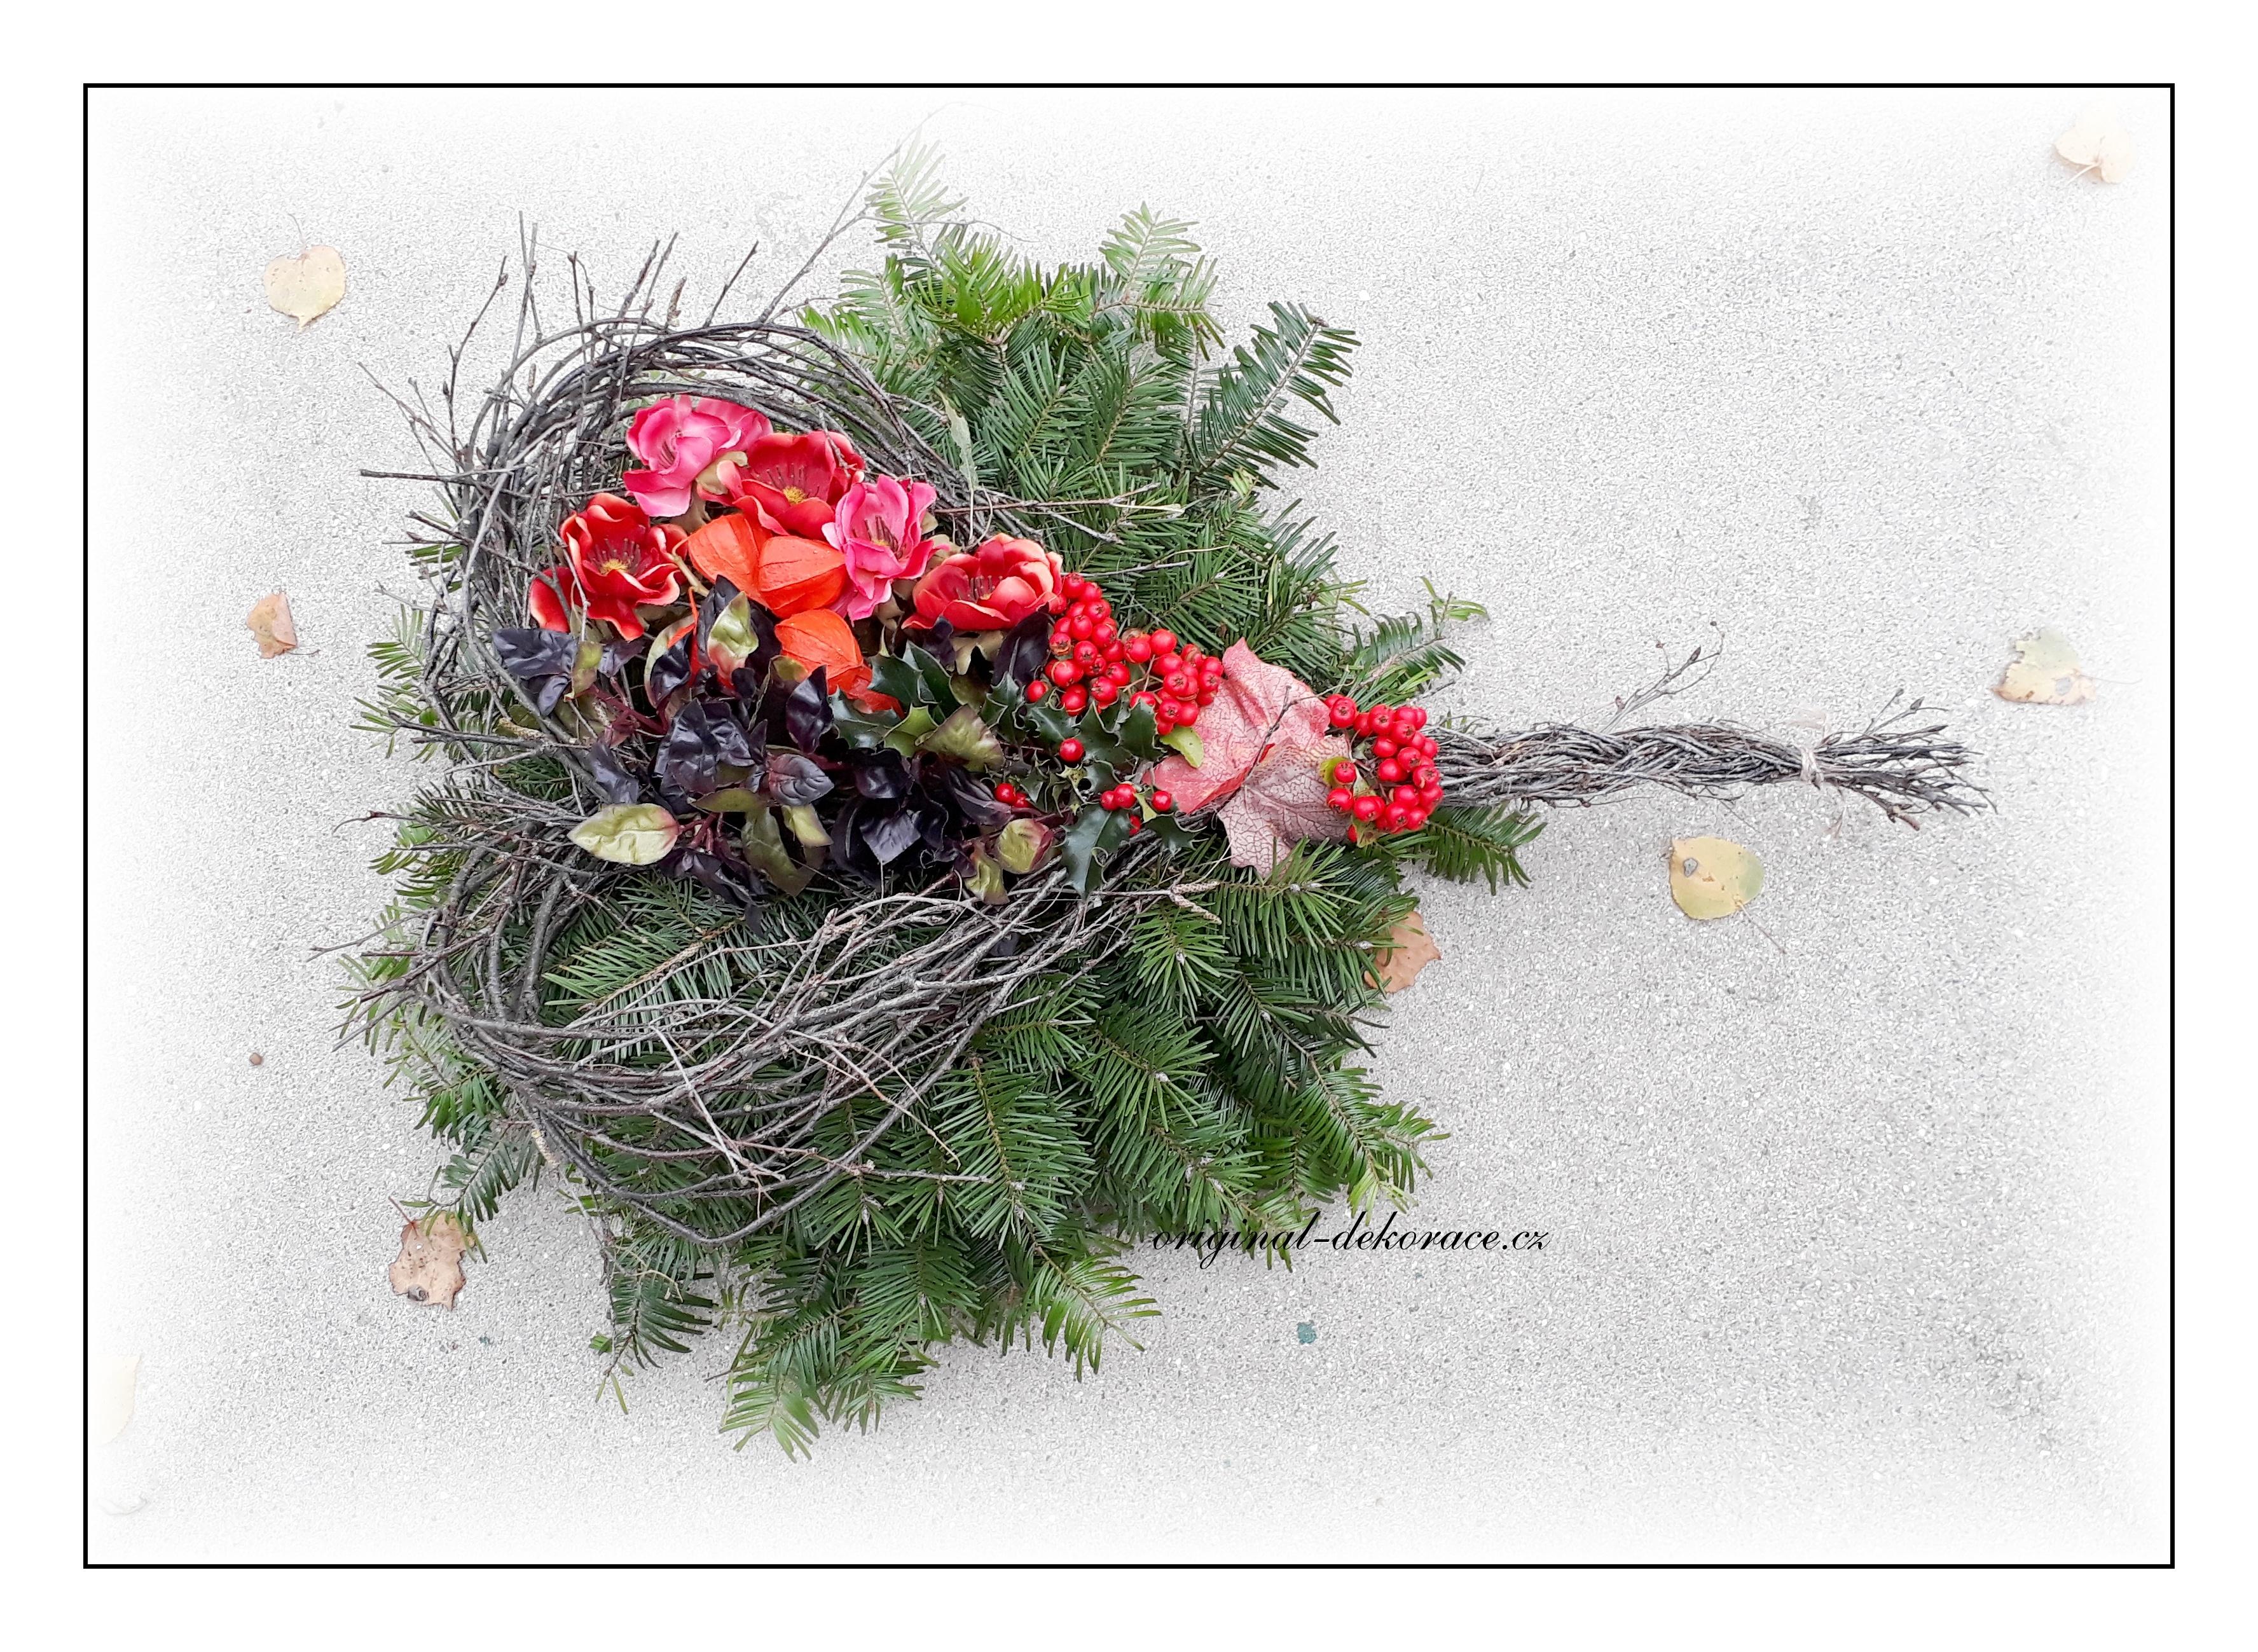 a19be4e89 Podzimní dekorace na hrob se srdcem   Originální dekorace, bytové ...